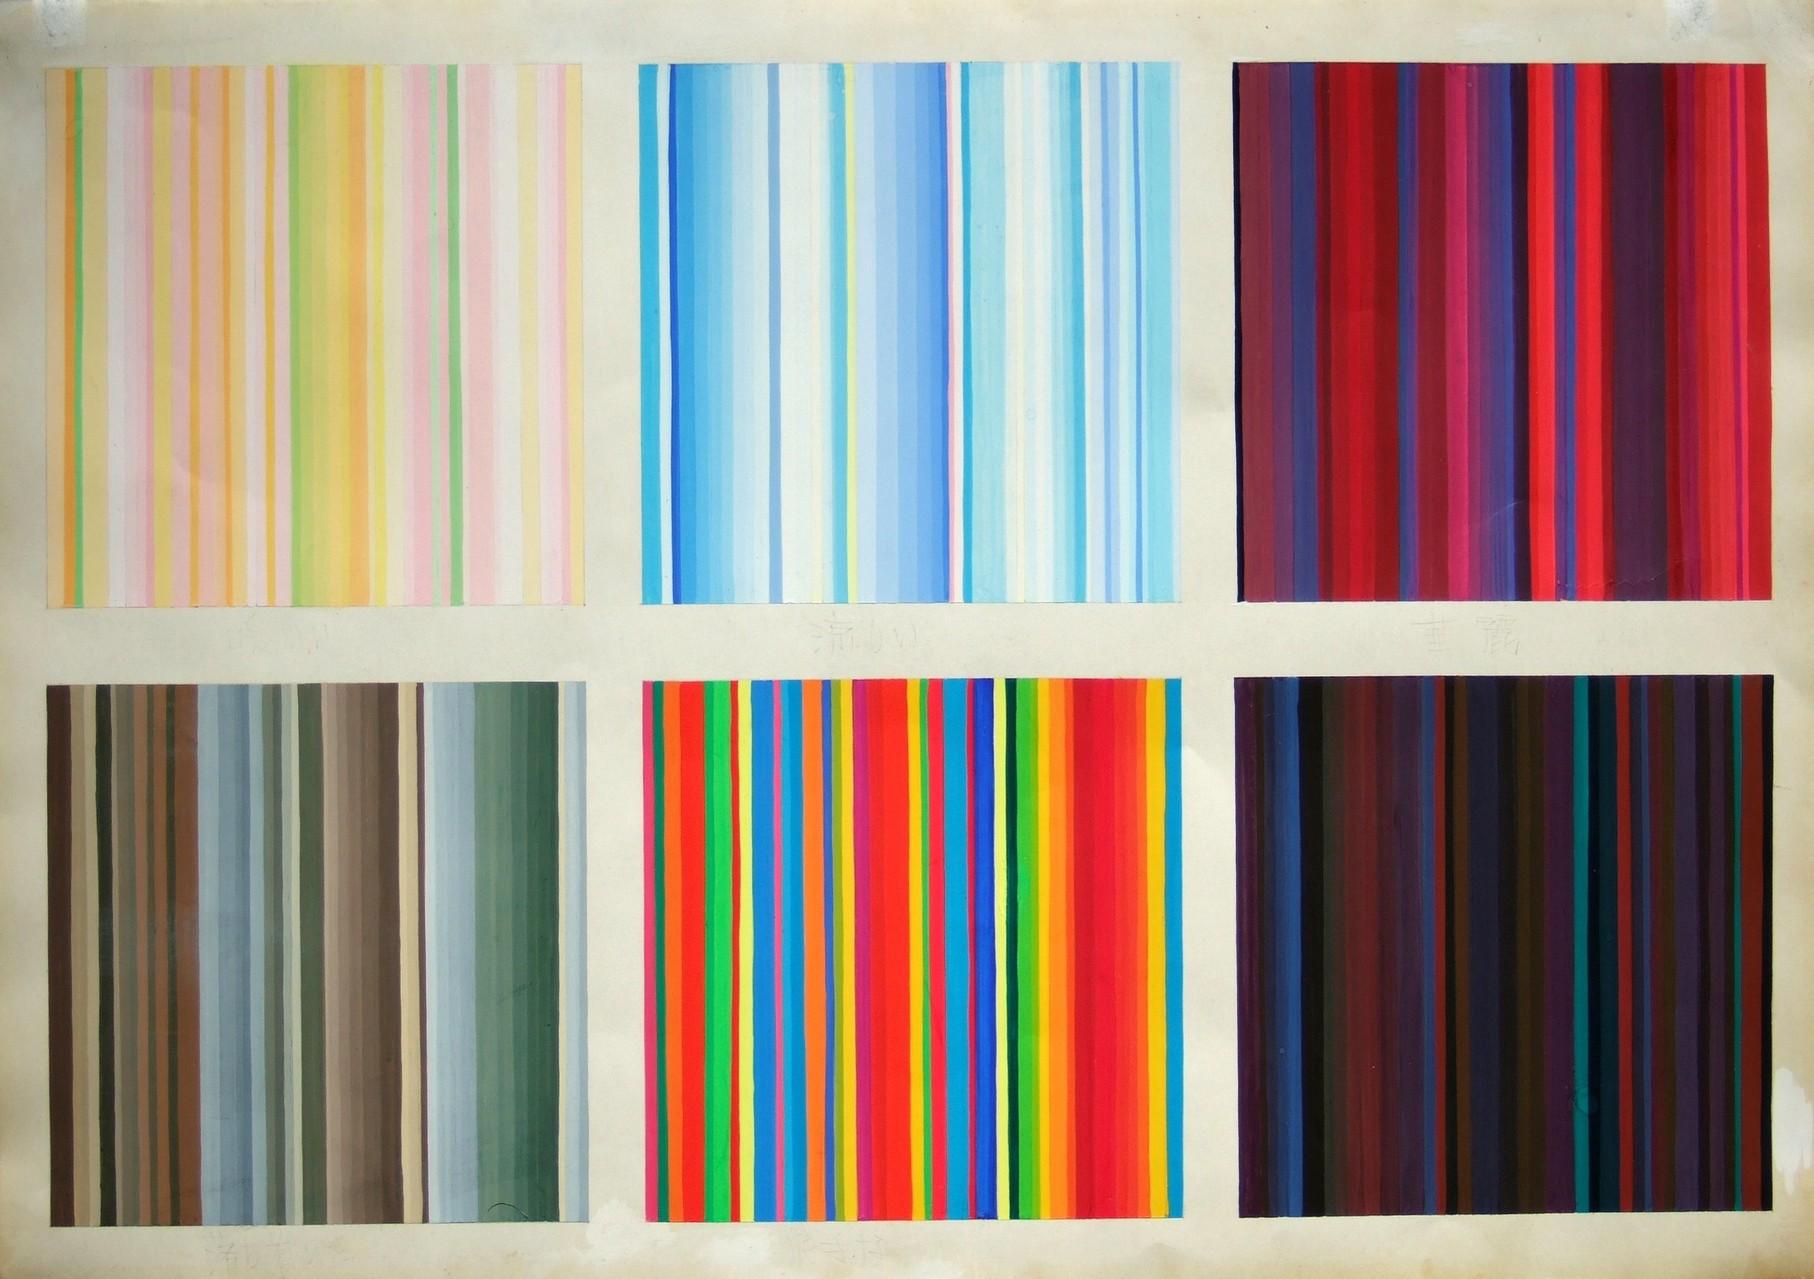 生徒作品100  アクリルガッシュ<基礎色彩演習:6個の言葉による> B3判 KMKケント紙 【工芸系】